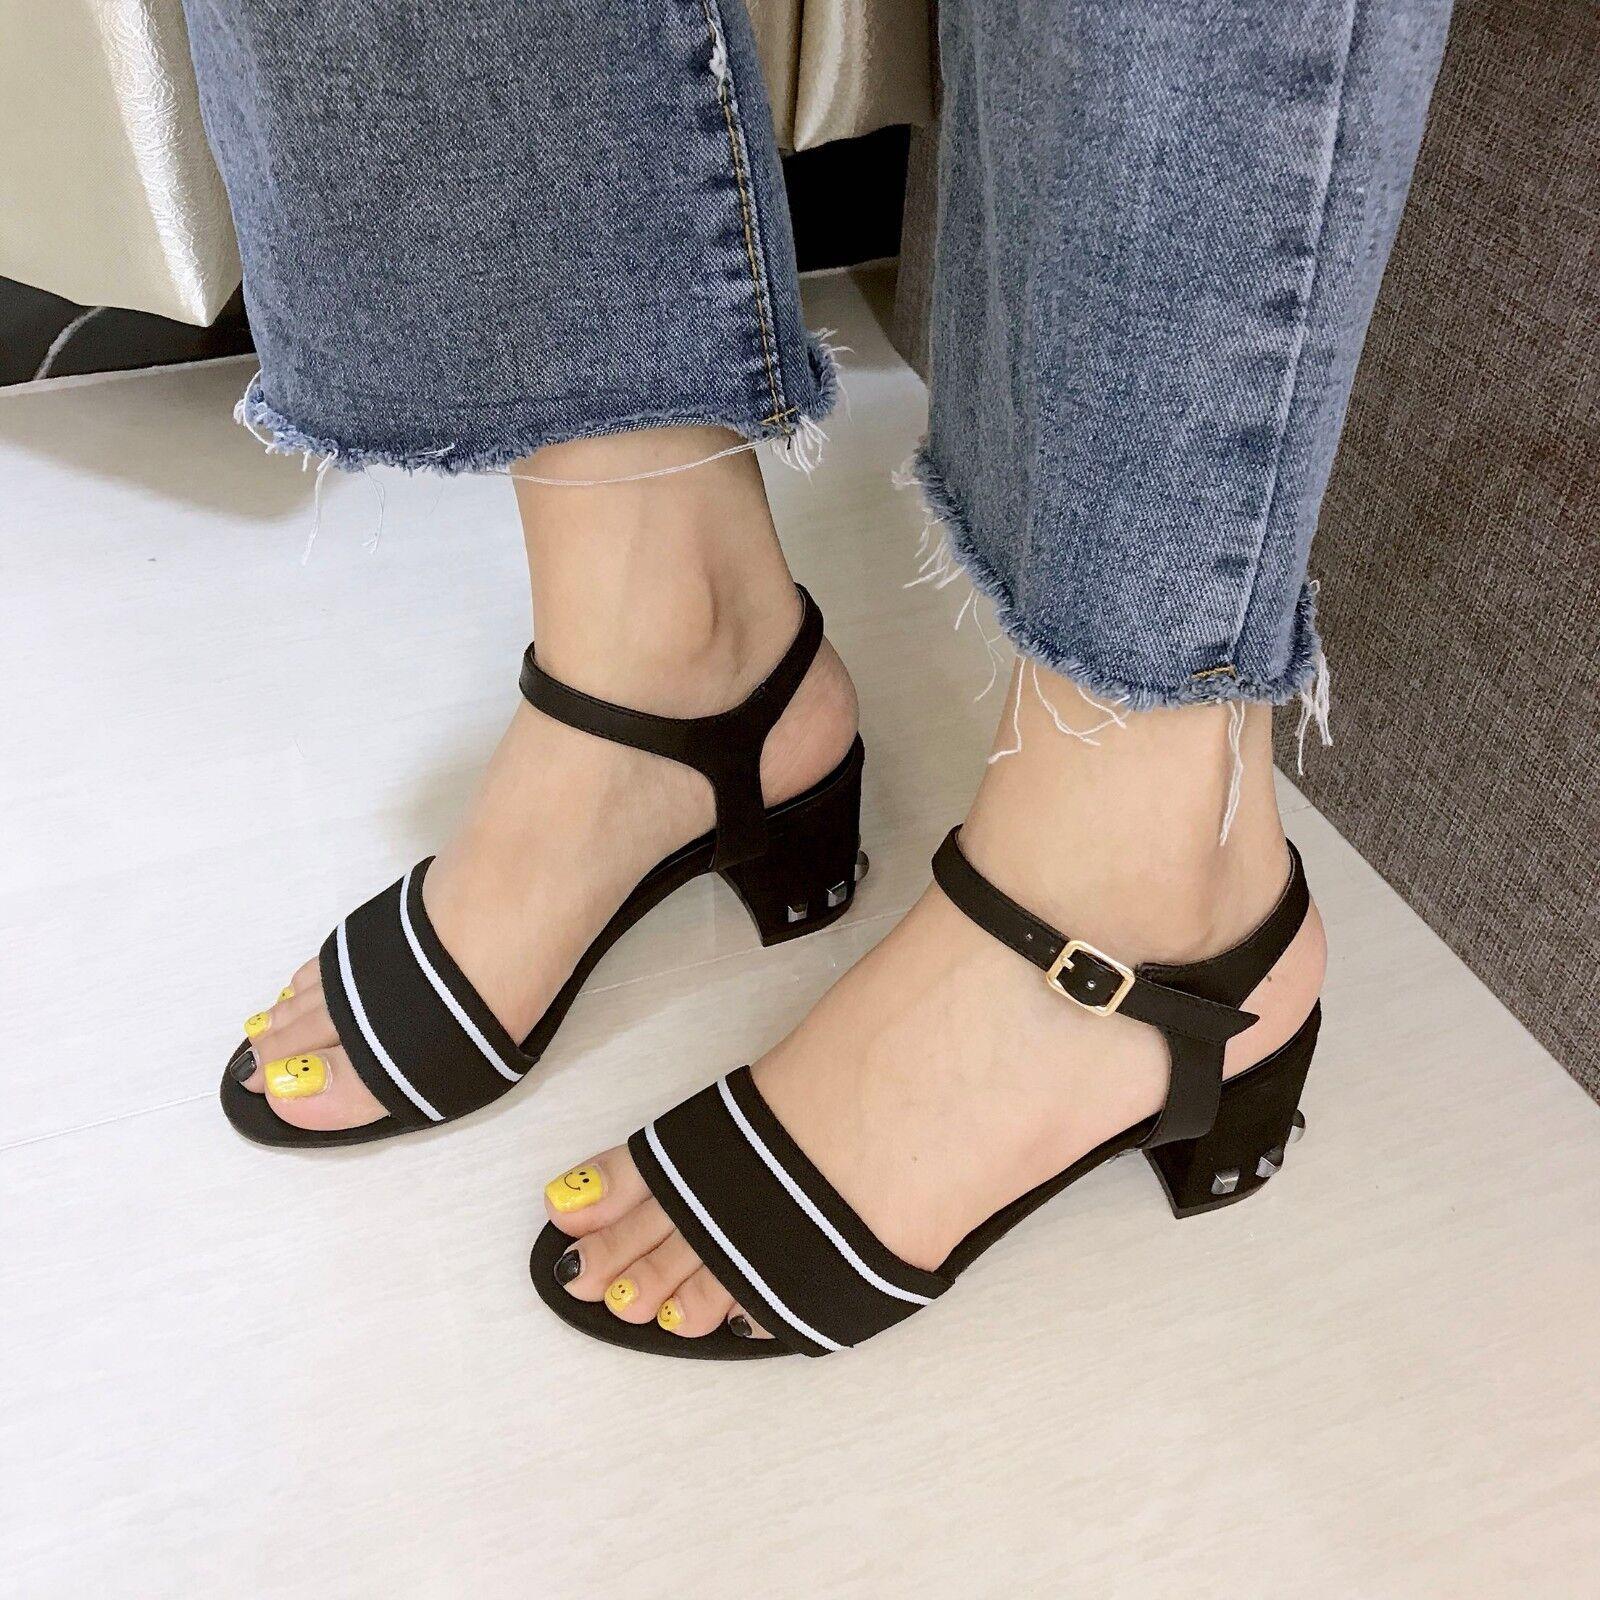 Sandalen 7 cm elegant schwarz-weiss simil absatz quadrat Sandale simil schwarz-weiss leder 1094 48ae55